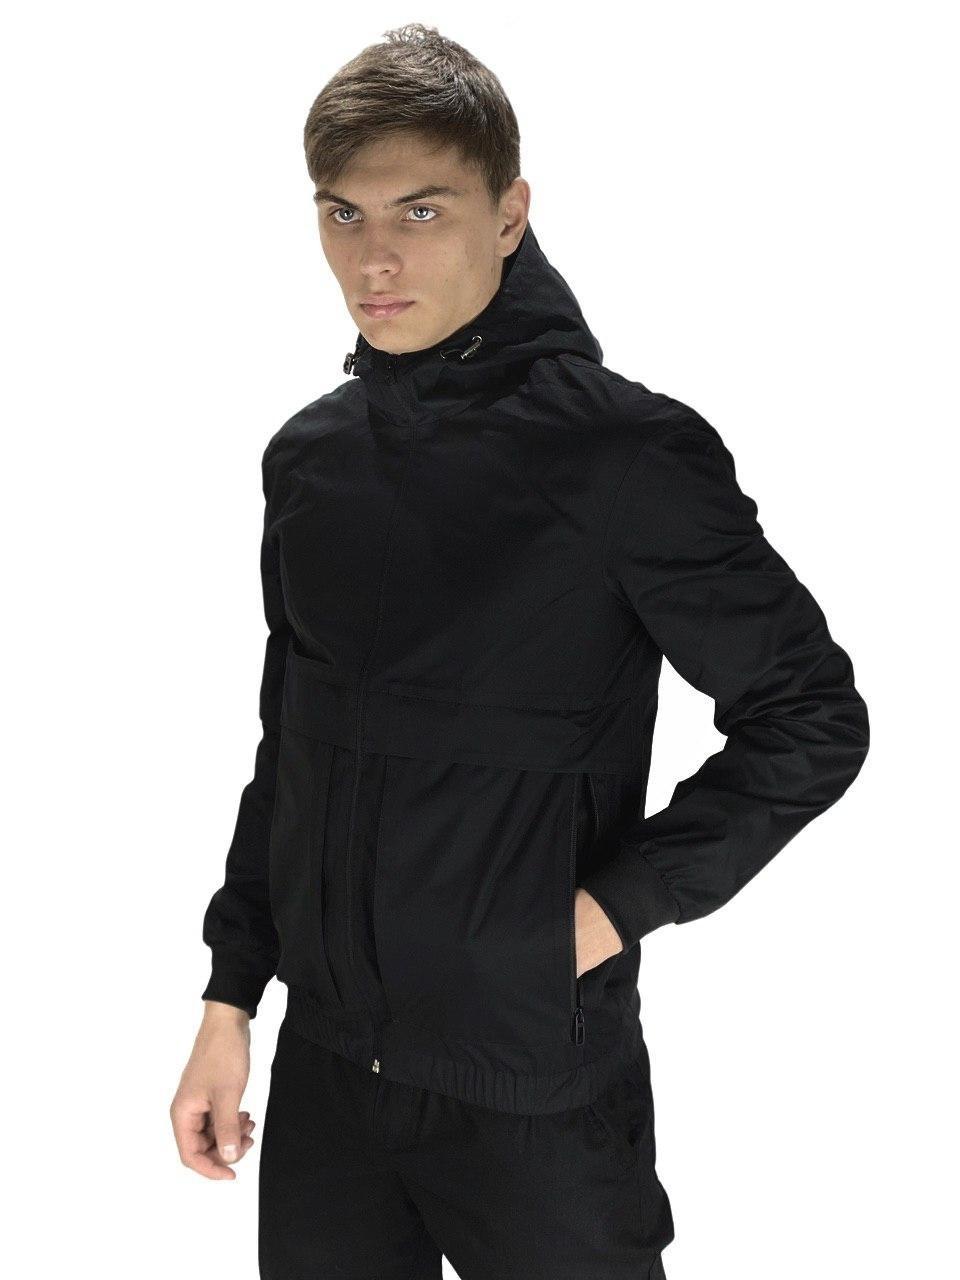 Мужская весенняя куртка, ветровка Intruder Sprinter черная